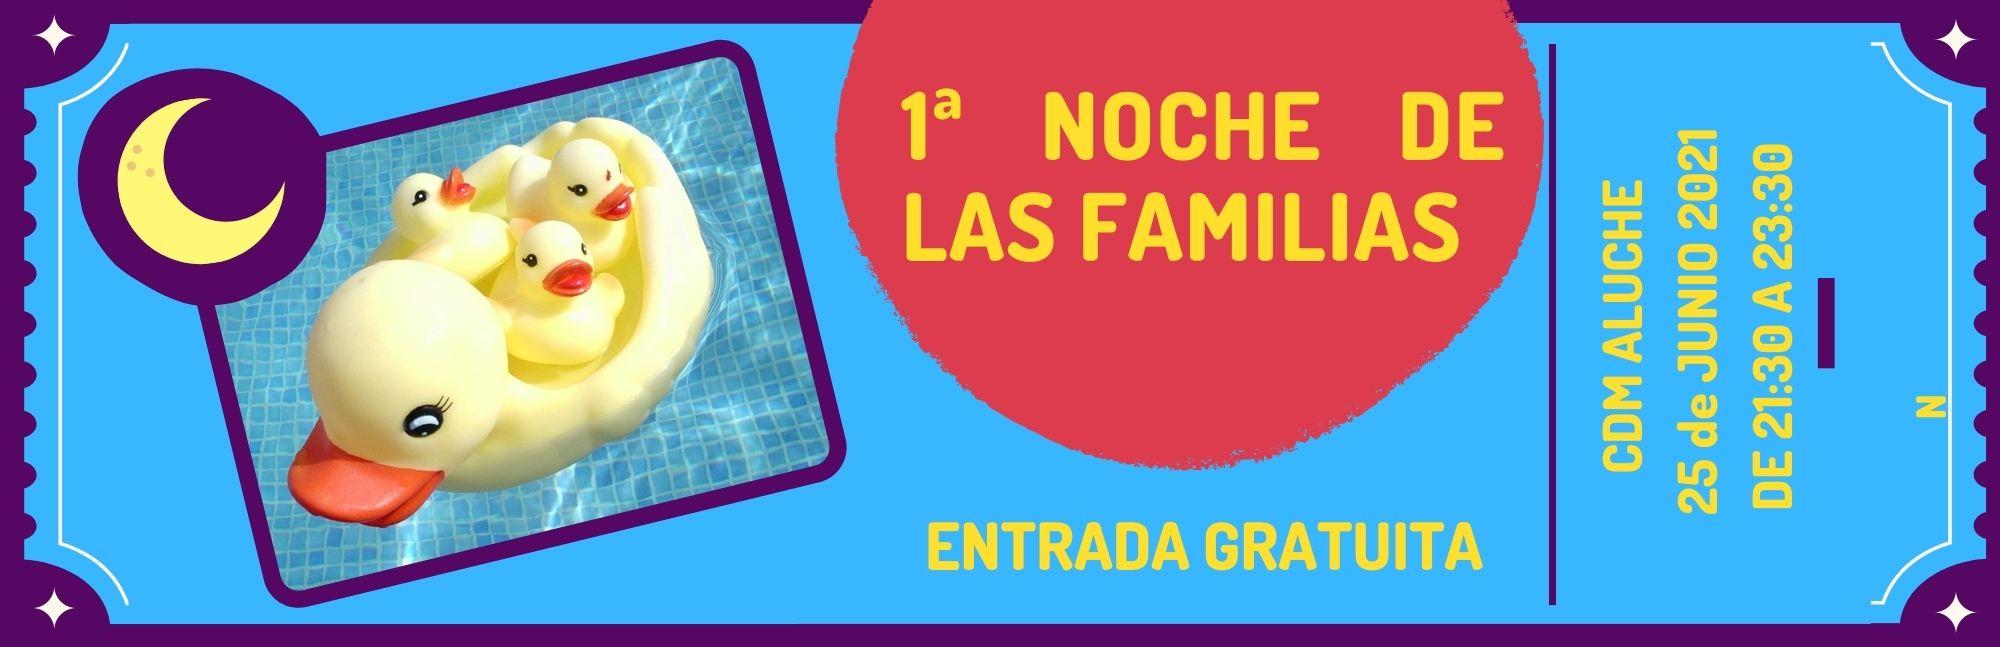 La Noche de las Familias entrada gratuita